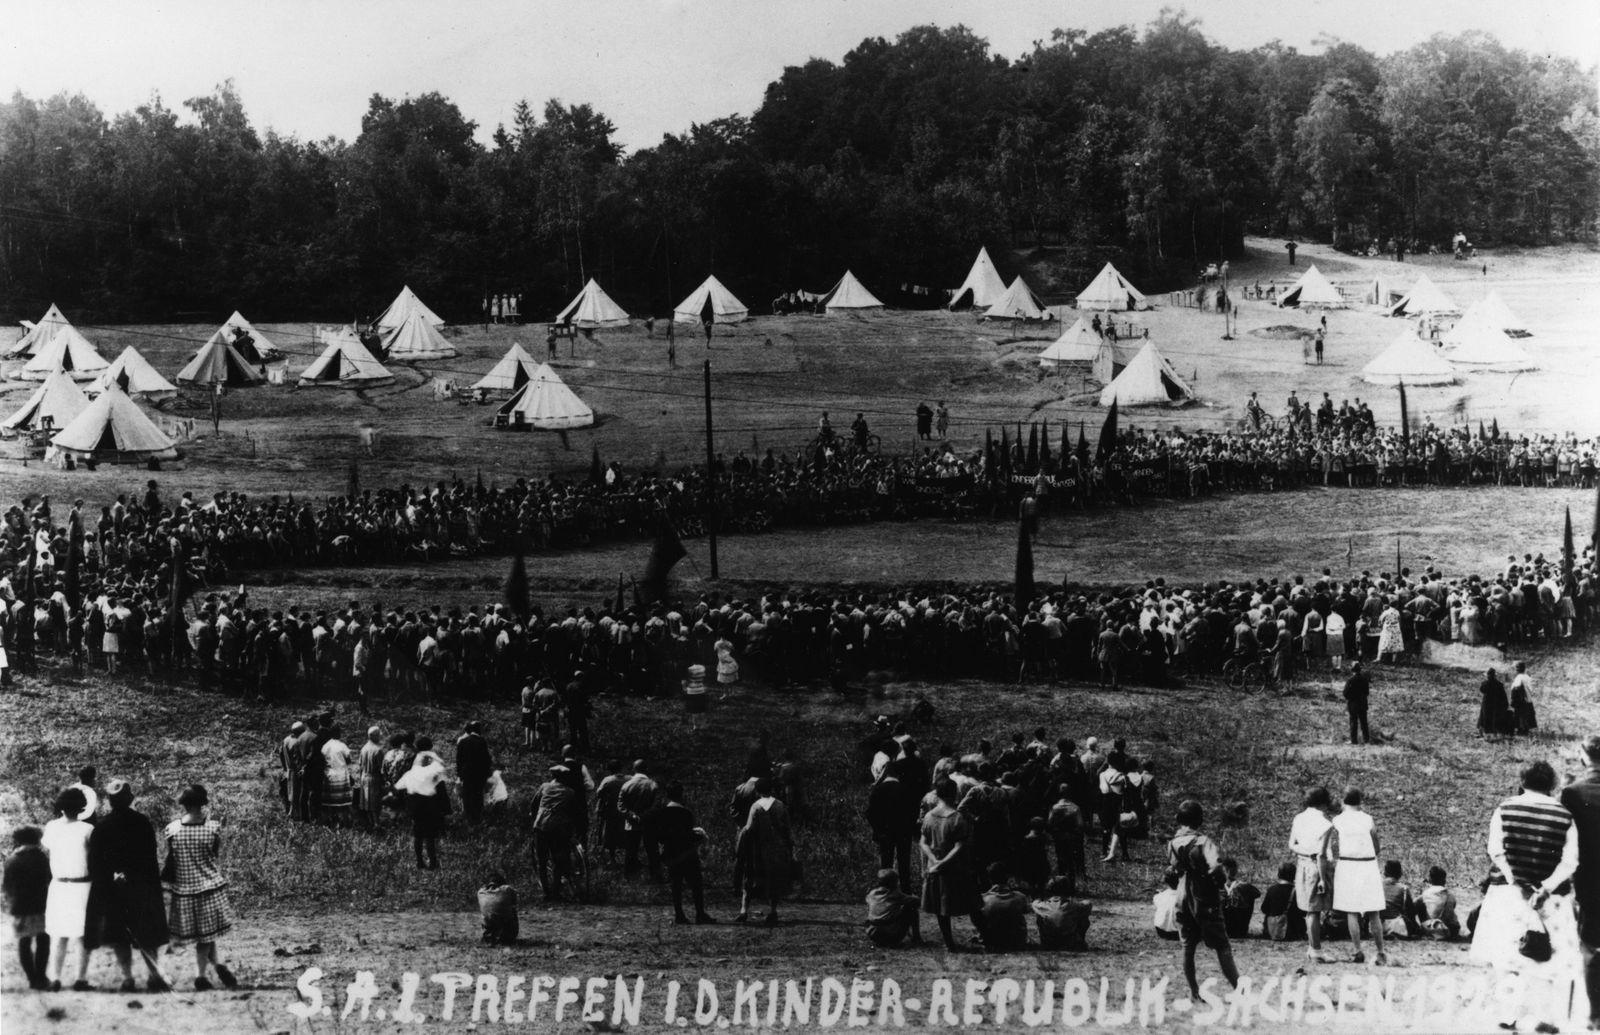 """Die """"Kinderrepublik Sachsen"""" 1929 - ein Zeltlager der """"Kinderfreunde"""" (Reichsarbeitsgemeinschaft der Kinderfreunde Deutschlands)"""